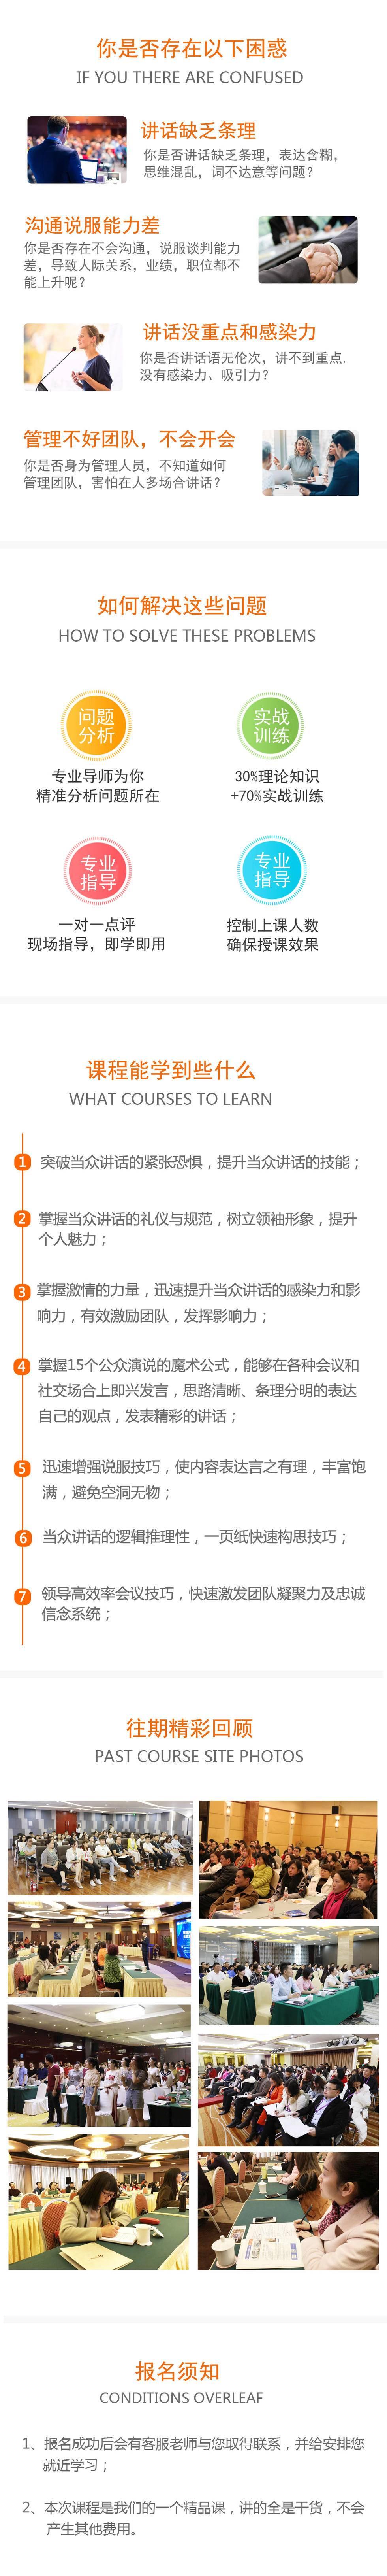 课程2.jpg